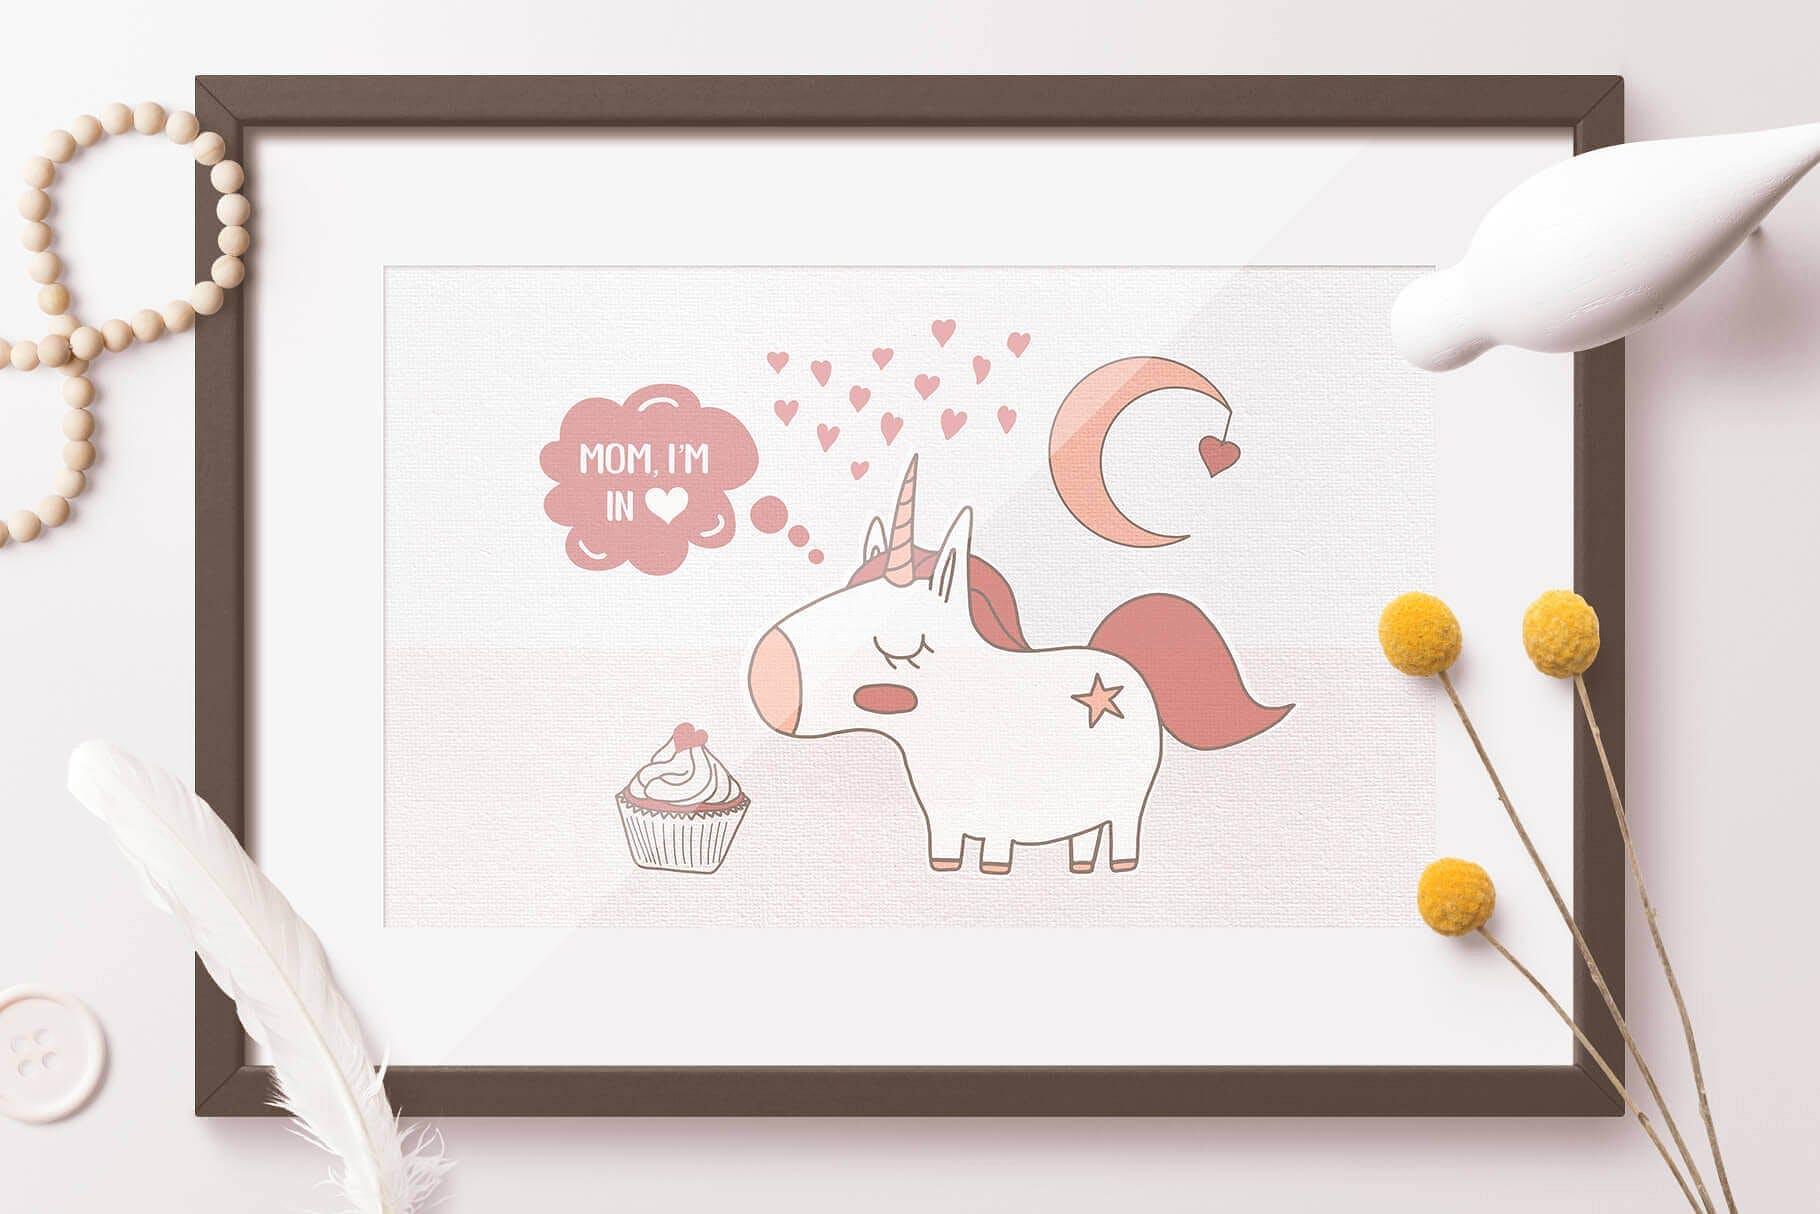 喜悦和甜蜜主题元素图形类别素材合集Mom I'm in Love Vector Set插图(2)